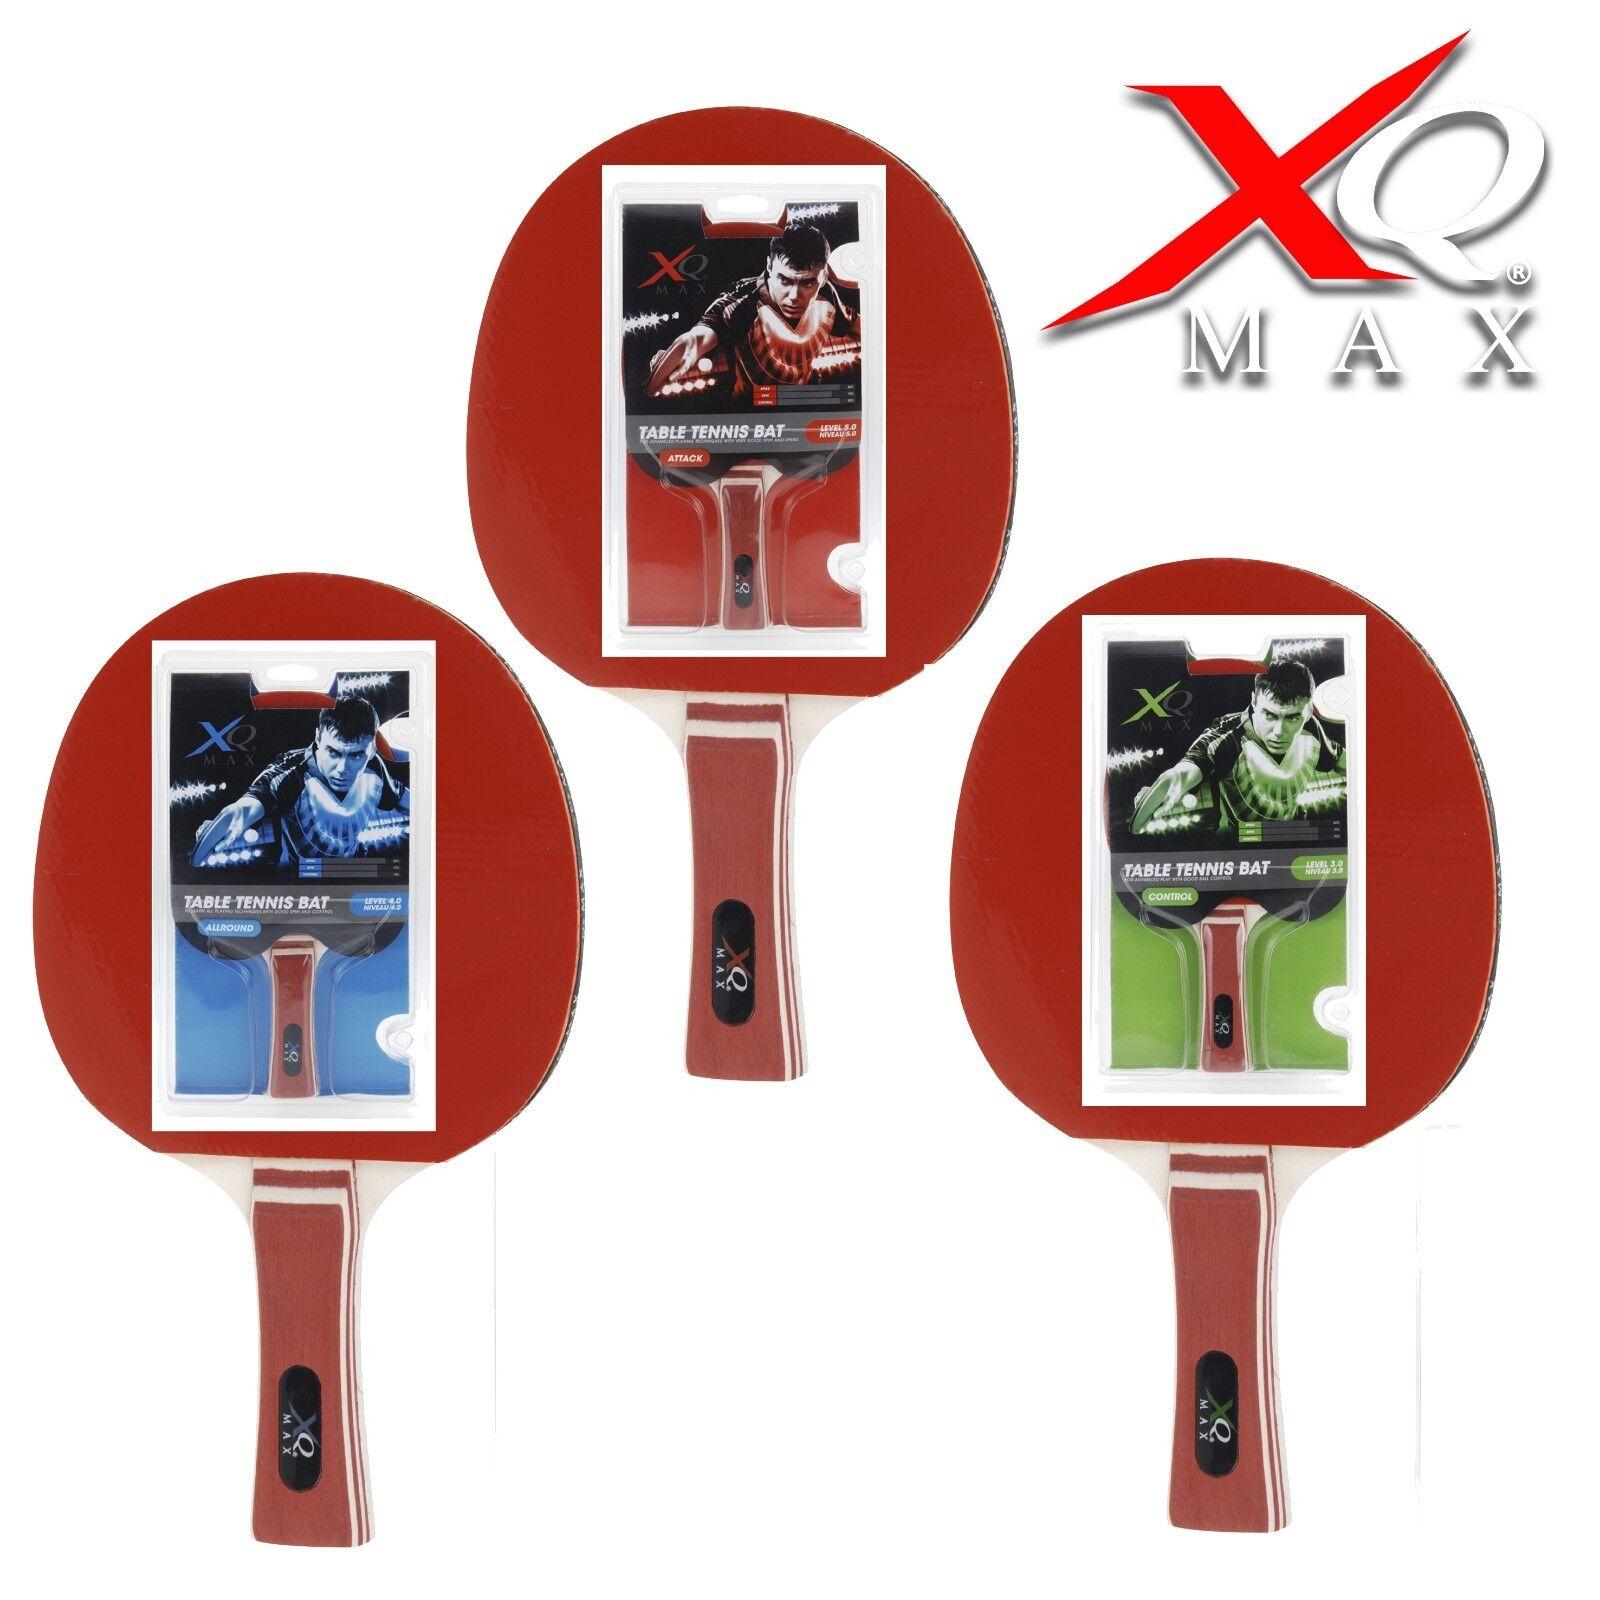 XQMAX Tischtennisschläger Schläger Tischtennis Sport Tennis Ping Ping Ping Pong Level 3 -5 4efc9f